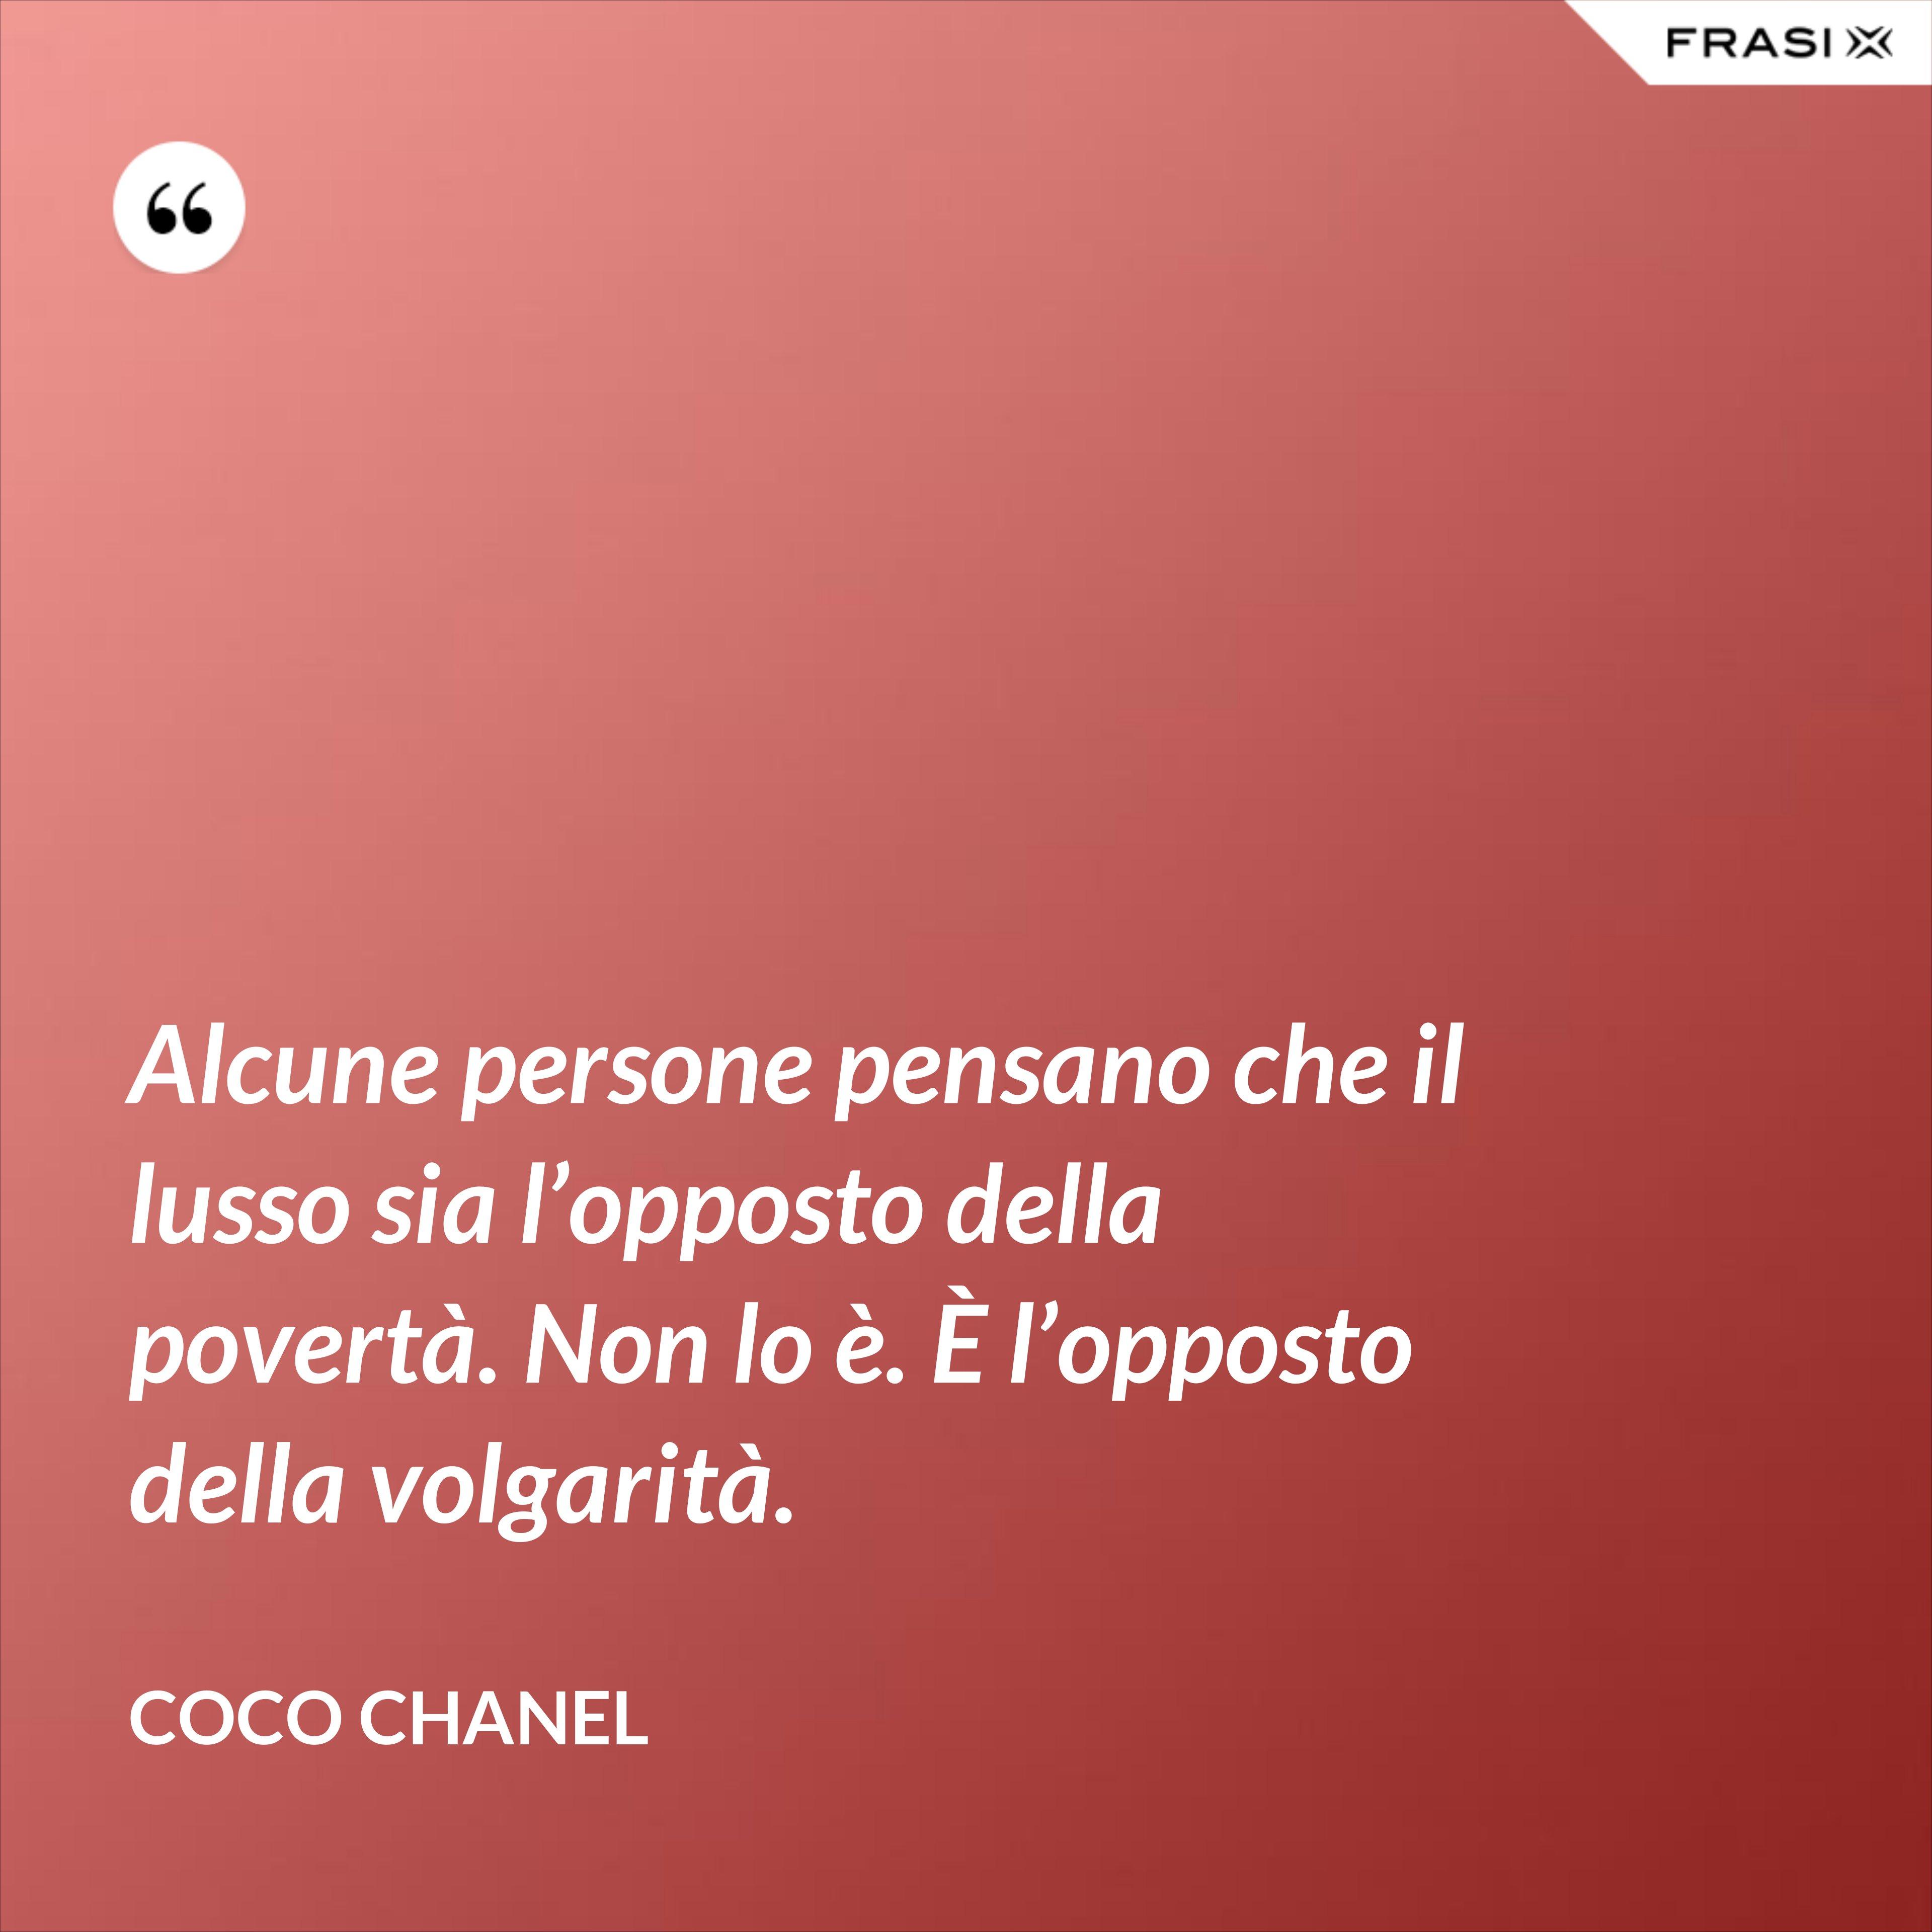 Alcune persone pensano che il lusso sia l'opposto della povertà. Non lo è. È l'opposto della volgarità. - Coco Chanel